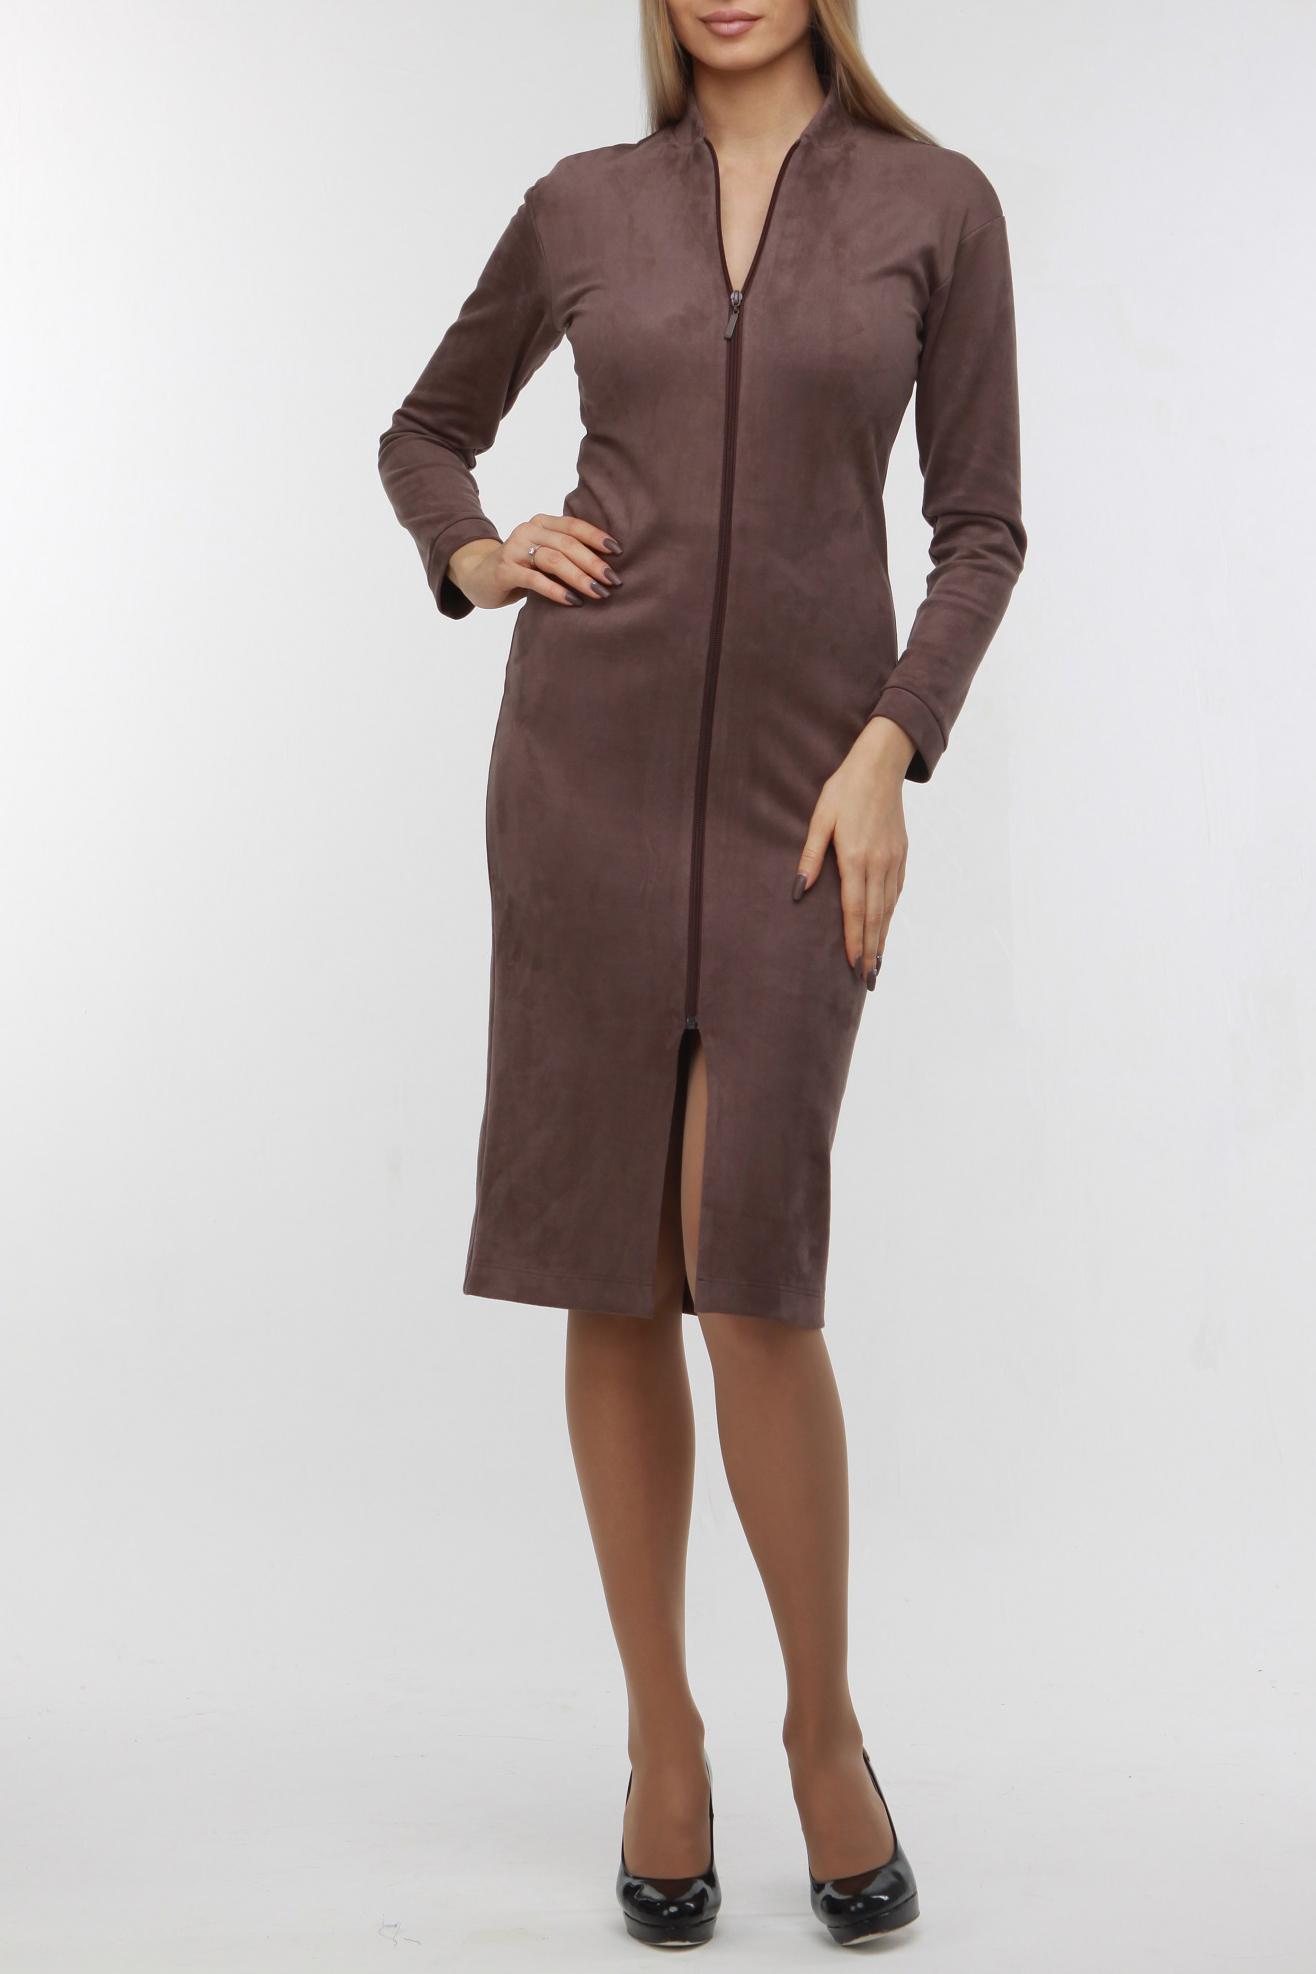 ПлатьеПлатья<br>Эффектное платье приталенного силуэта с застежкой молнией. Модель выполнена из мягкой замши. Отличный выбор для повседневного гардероба.  В изделии исползованы цвета: коричневый  Рост девушки-фотомодели 176 см.<br><br>Горловина: V- горловина<br>По длине: Ниже колена<br>По материалу: Замша<br>По рисунку: Однотонные<br>По сезону: Осень,Зима<br>По силуэту: Приталенные<br>По стилю: Кэжуал,Офисный стиль,Повседневный стиль<br>По форме: Платье - футляр<br>По элементам: С молнией<br>Рукав: Длинный рукав<br>Размер : 50<br>Материал: Замша<br>Количество в наличии: 1